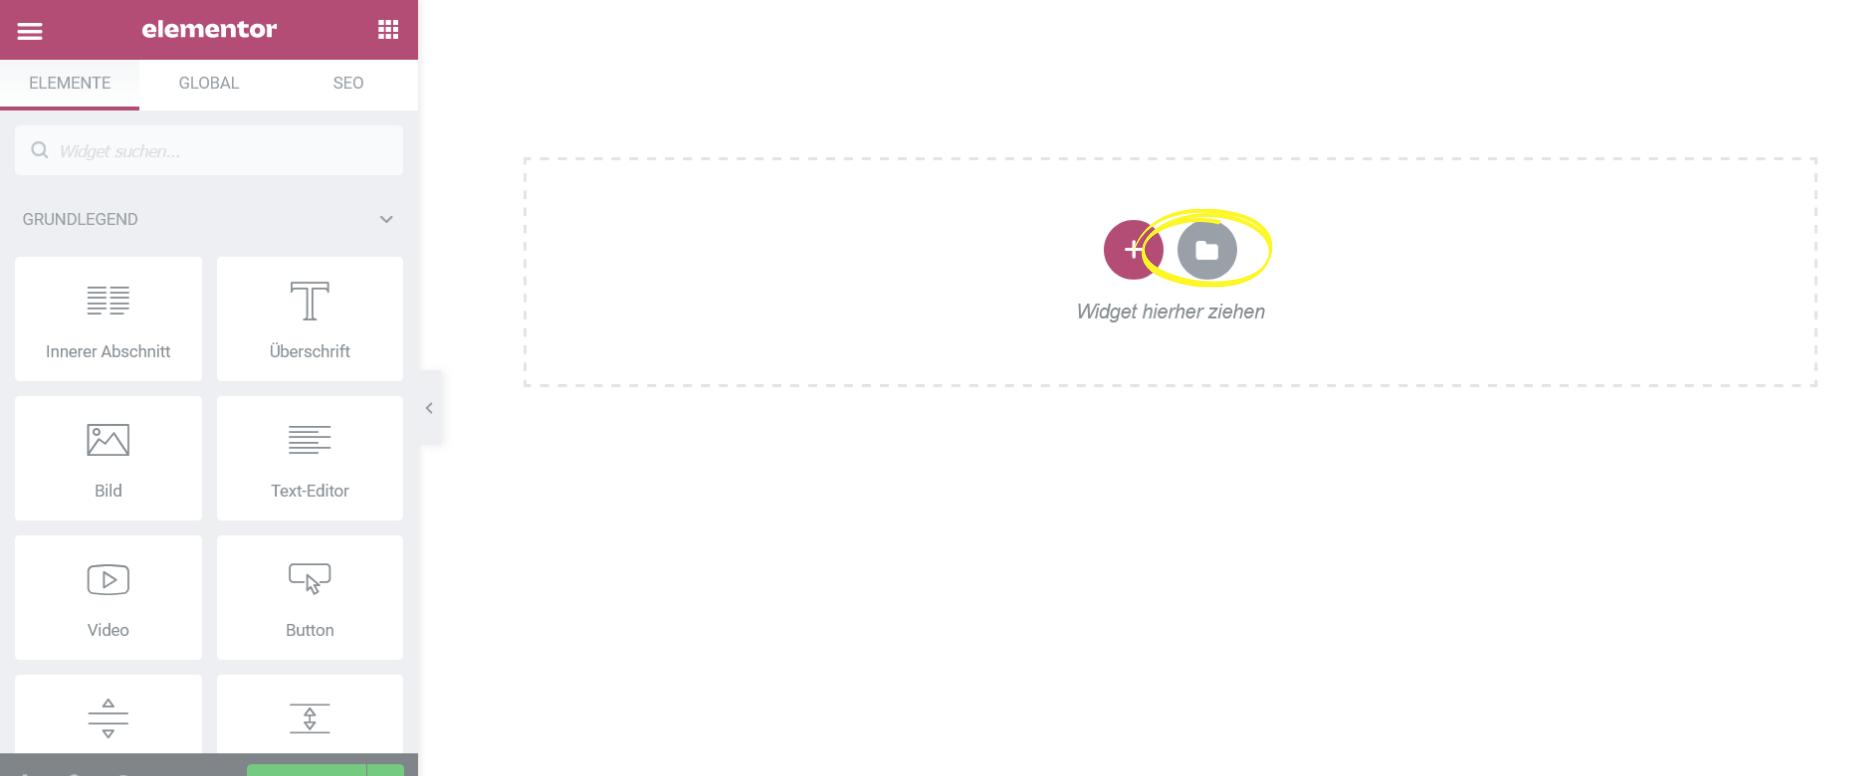 Elementor Inhalt aus Bibliothek einfügen Screenshot